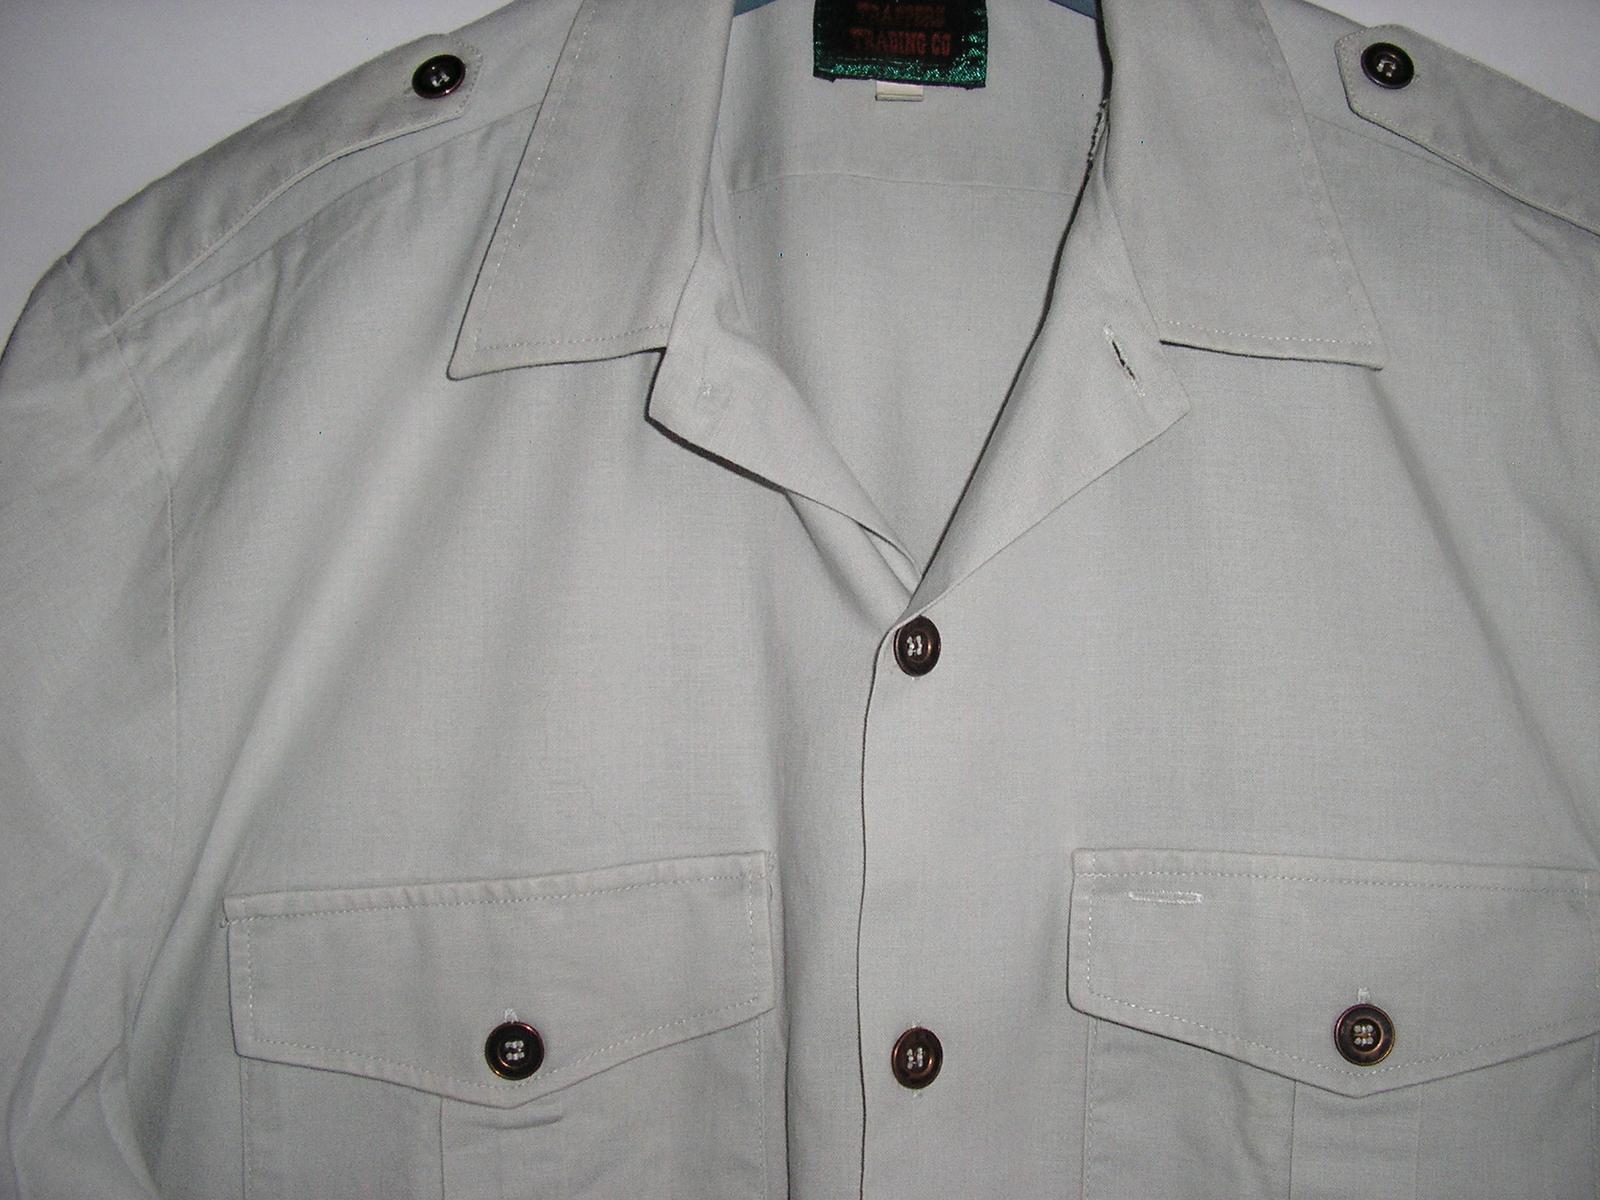 666. Pánska košeľa               - Obrázok č. 1